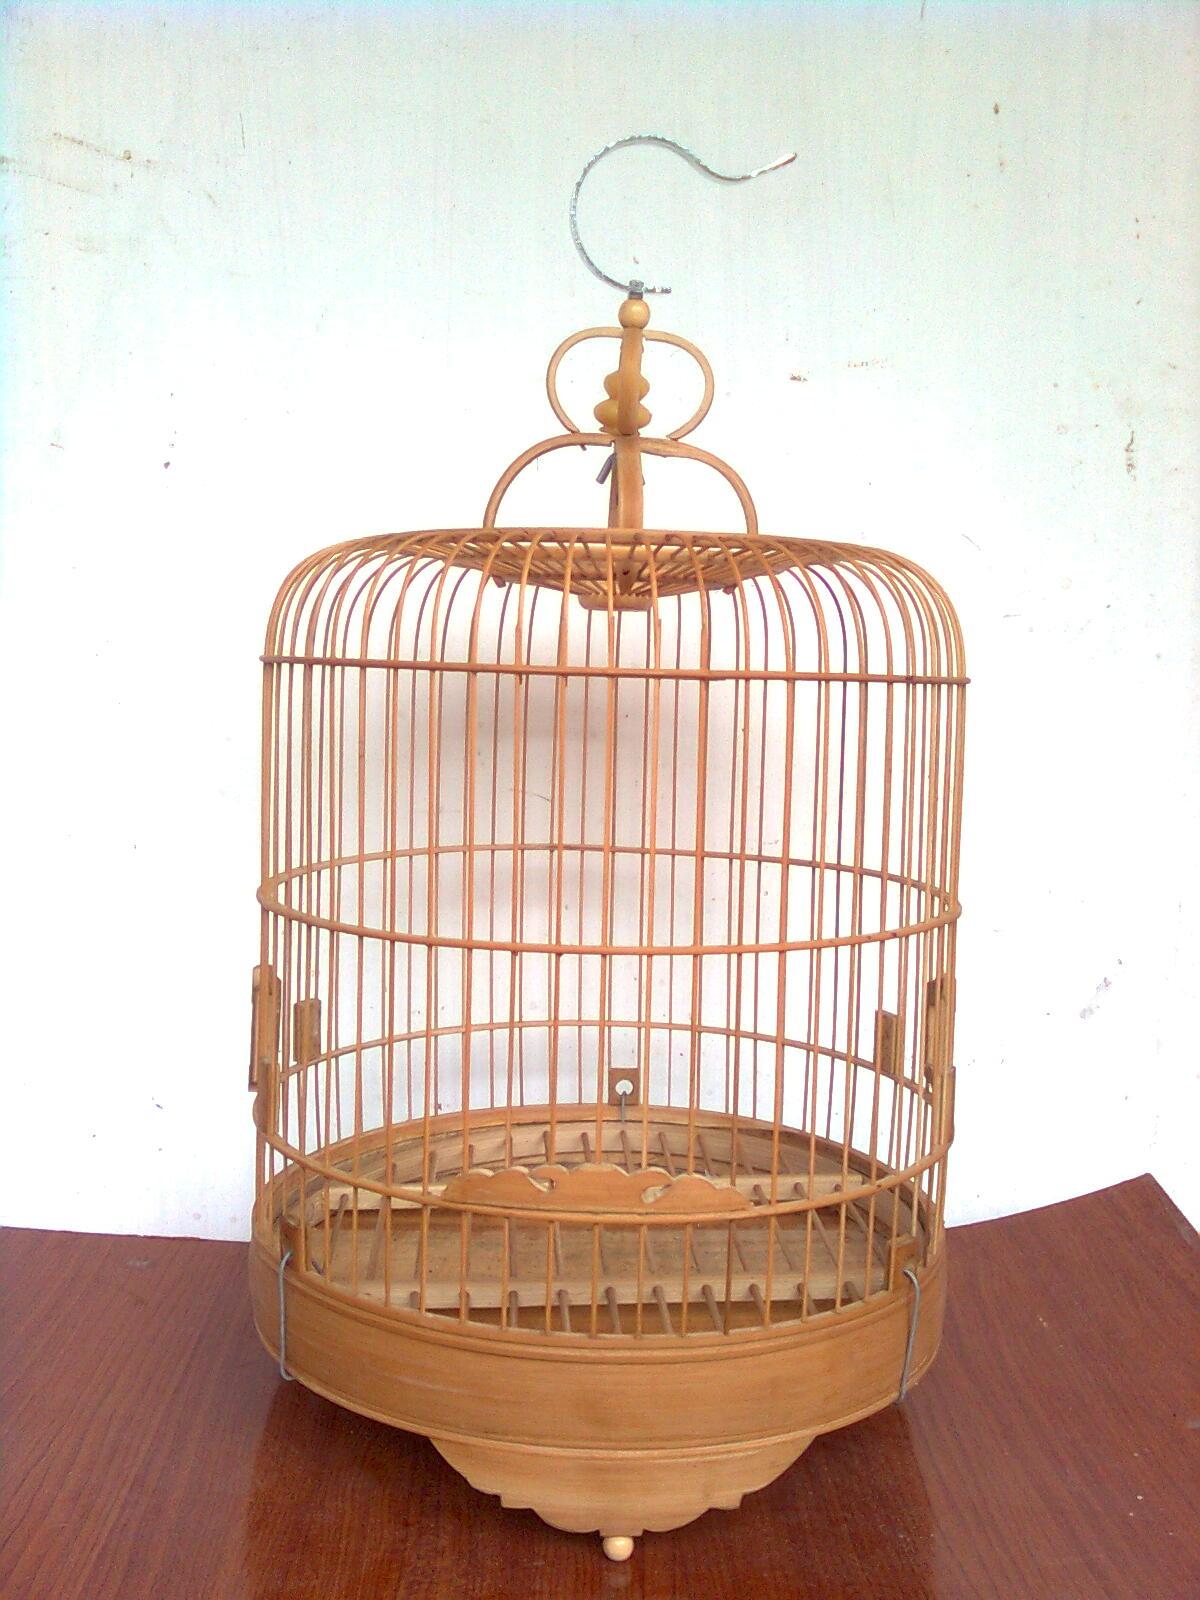 Zing Blog | Bán buôn bán lẻ lồng chim đẹp, lồng chim vác giá rẻ nhất